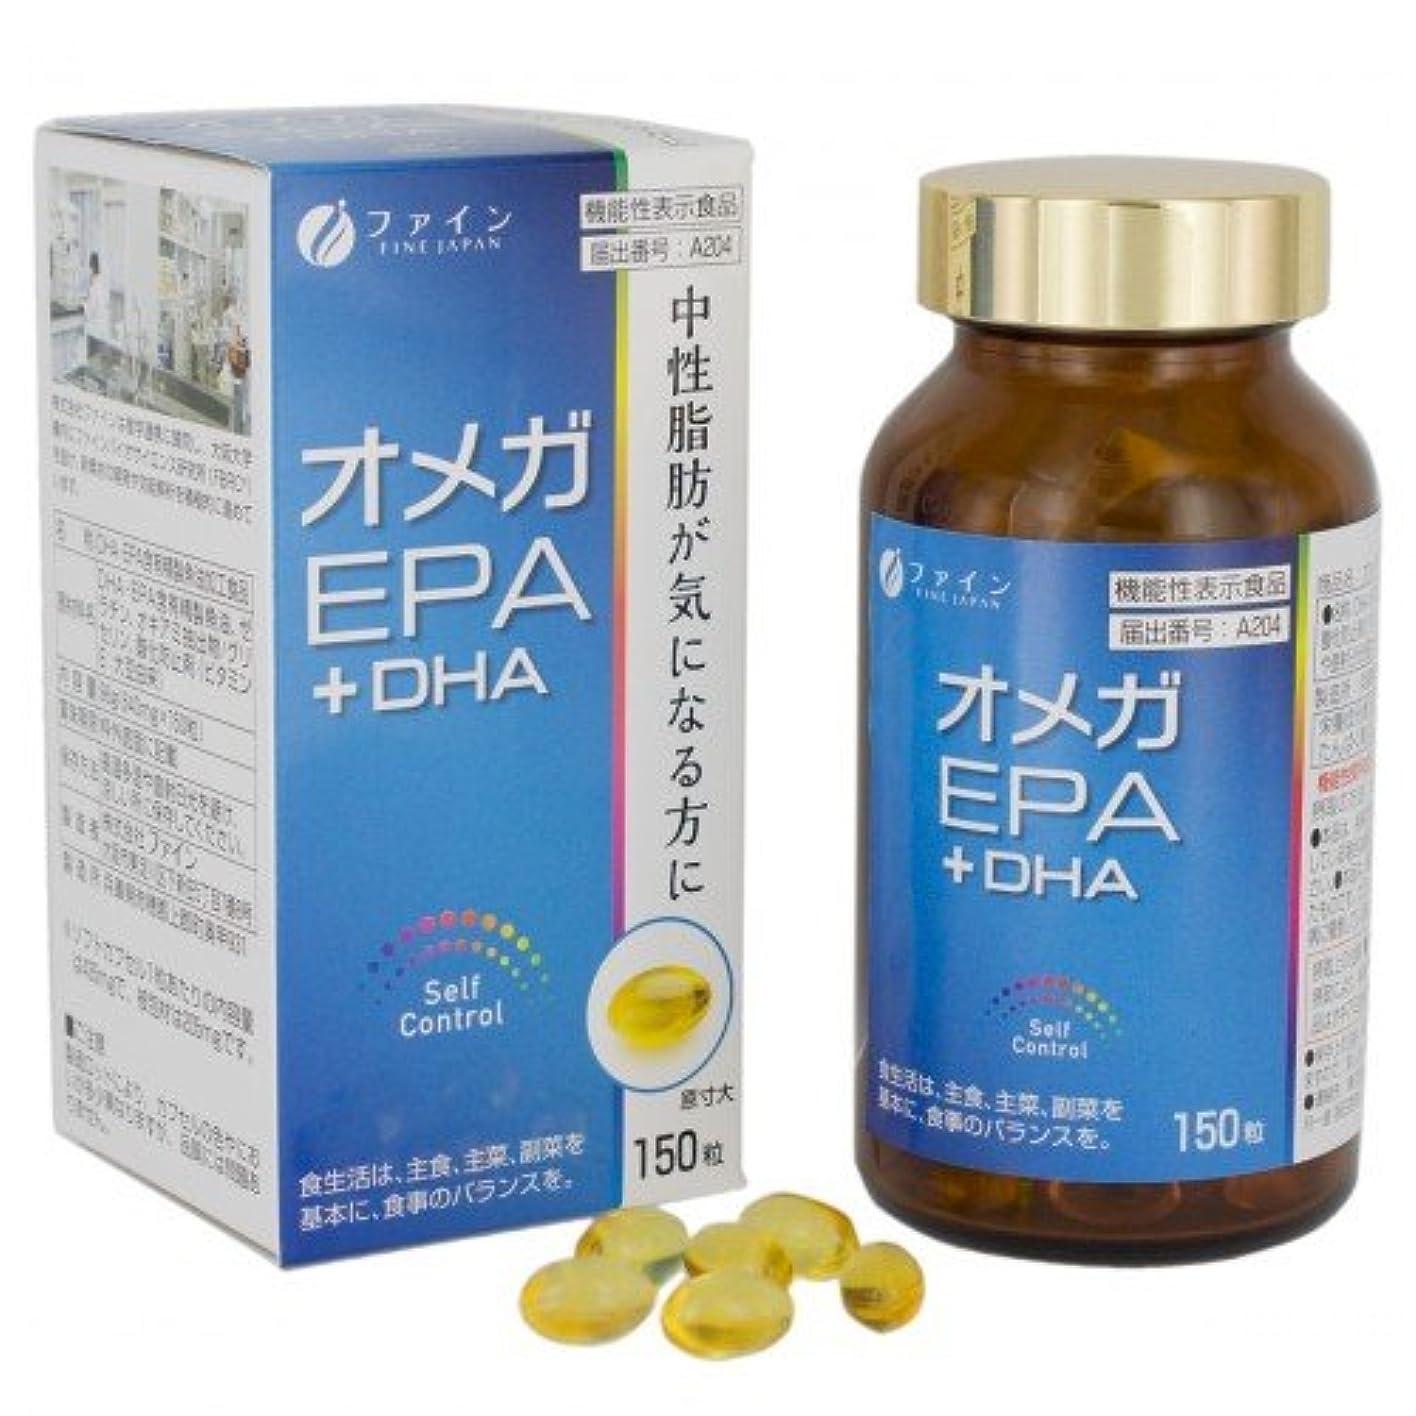 モジュール甘くする給料ファイン 機能性表示食品 オメガEPA+DHA 150粒 中性脂肪が気になる方に